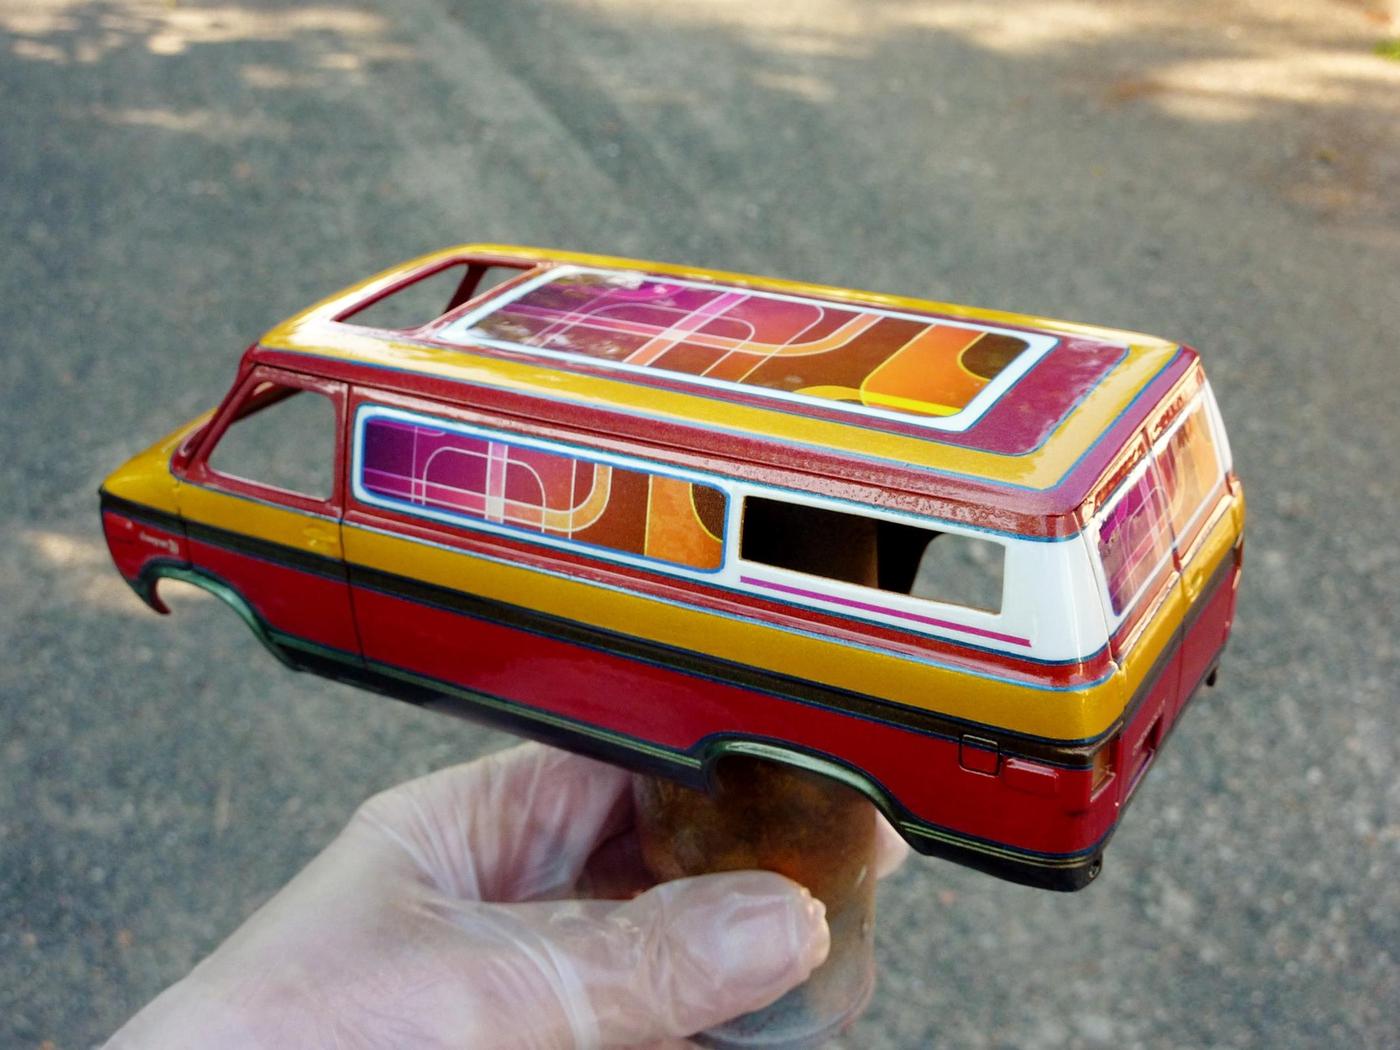 Van Chevy 75 (Vantasy) terminé - Page 4 Photo2-vi